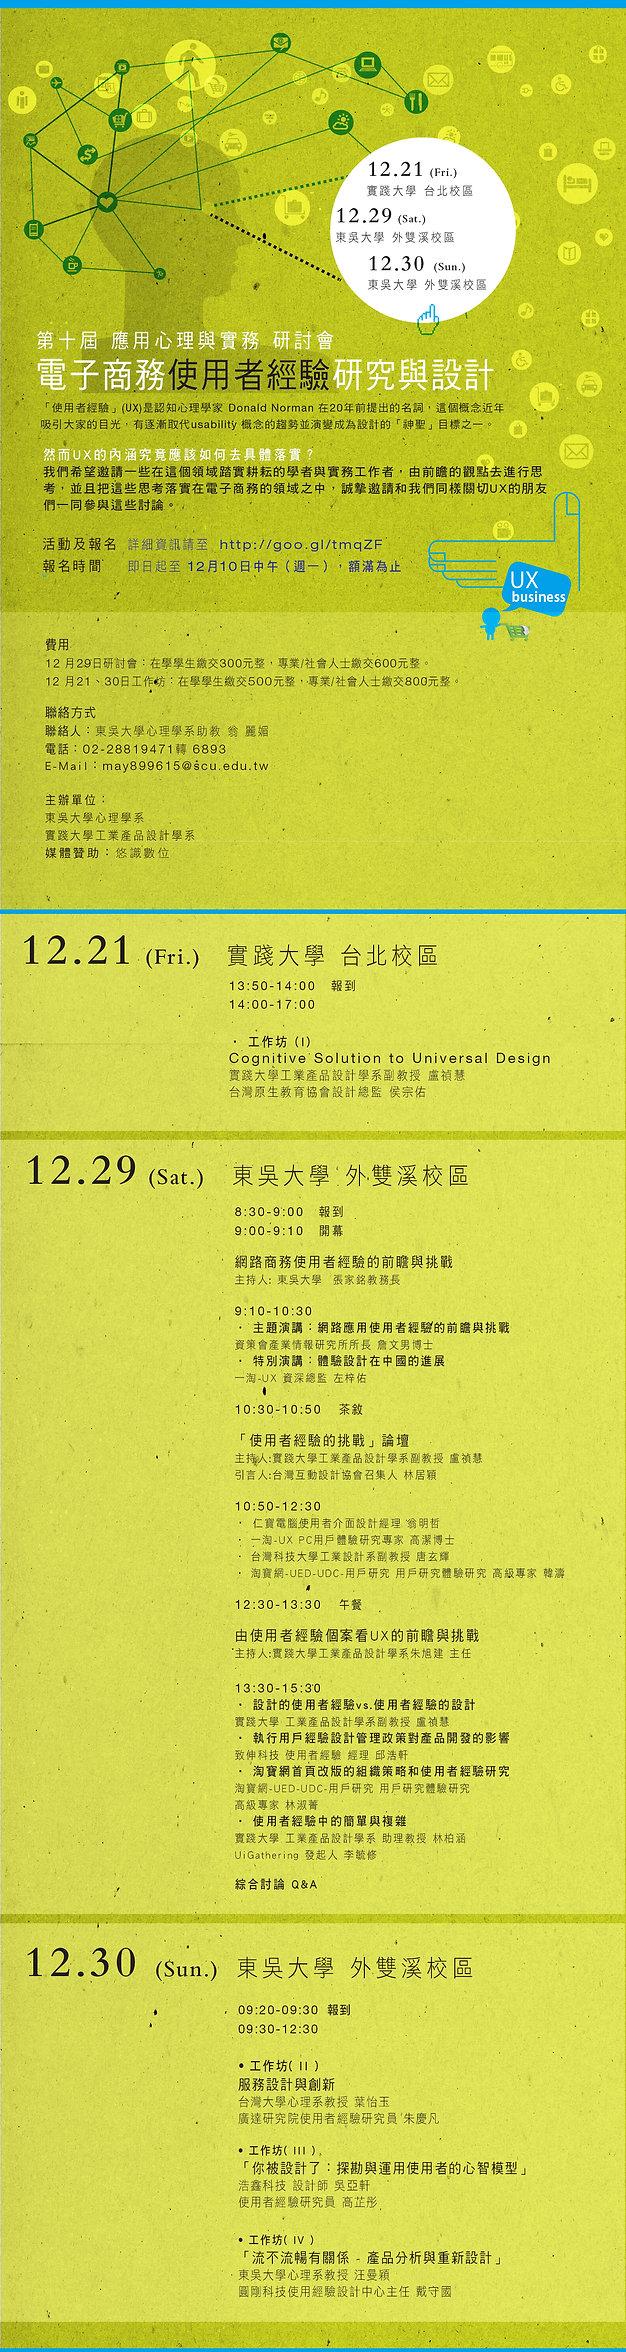 附件三:2012 UX使用者經驗 研討會 copy.jpg